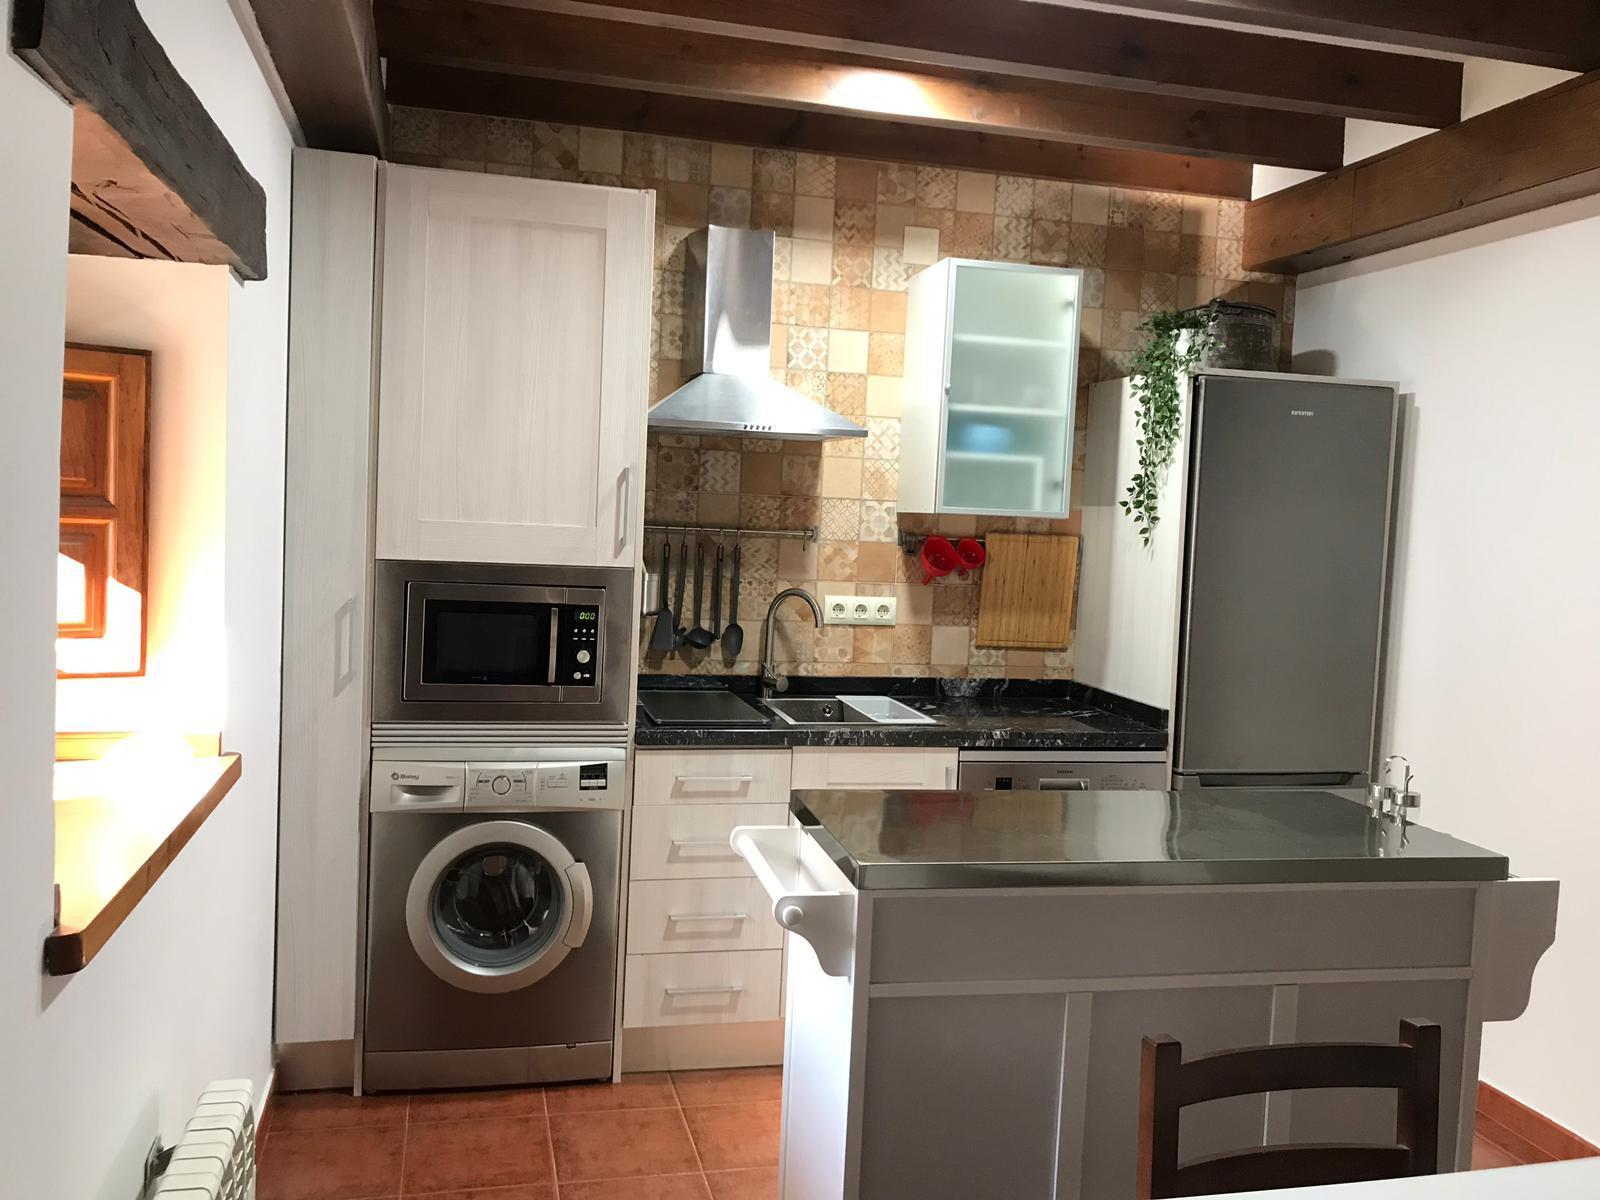 hotel rural-abanillas-cantabria-san vicente-comillas-llanes-asturias-mascotas-desayuno-casa rural (5)